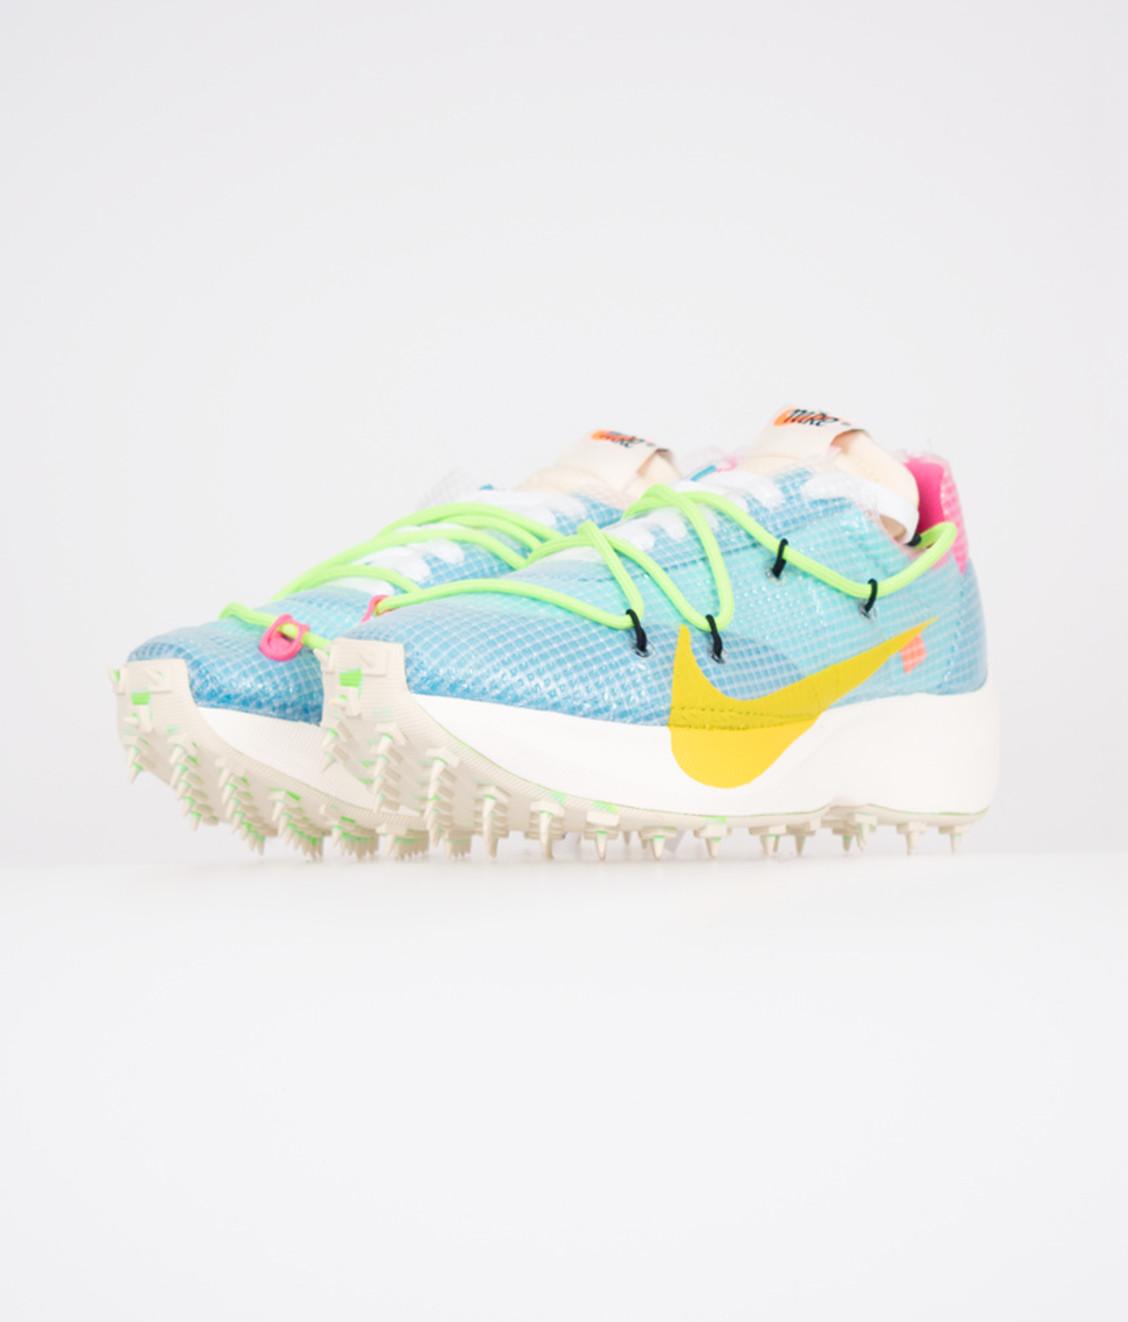 Nike Nike X Off White Vapor Street Polarized Blue